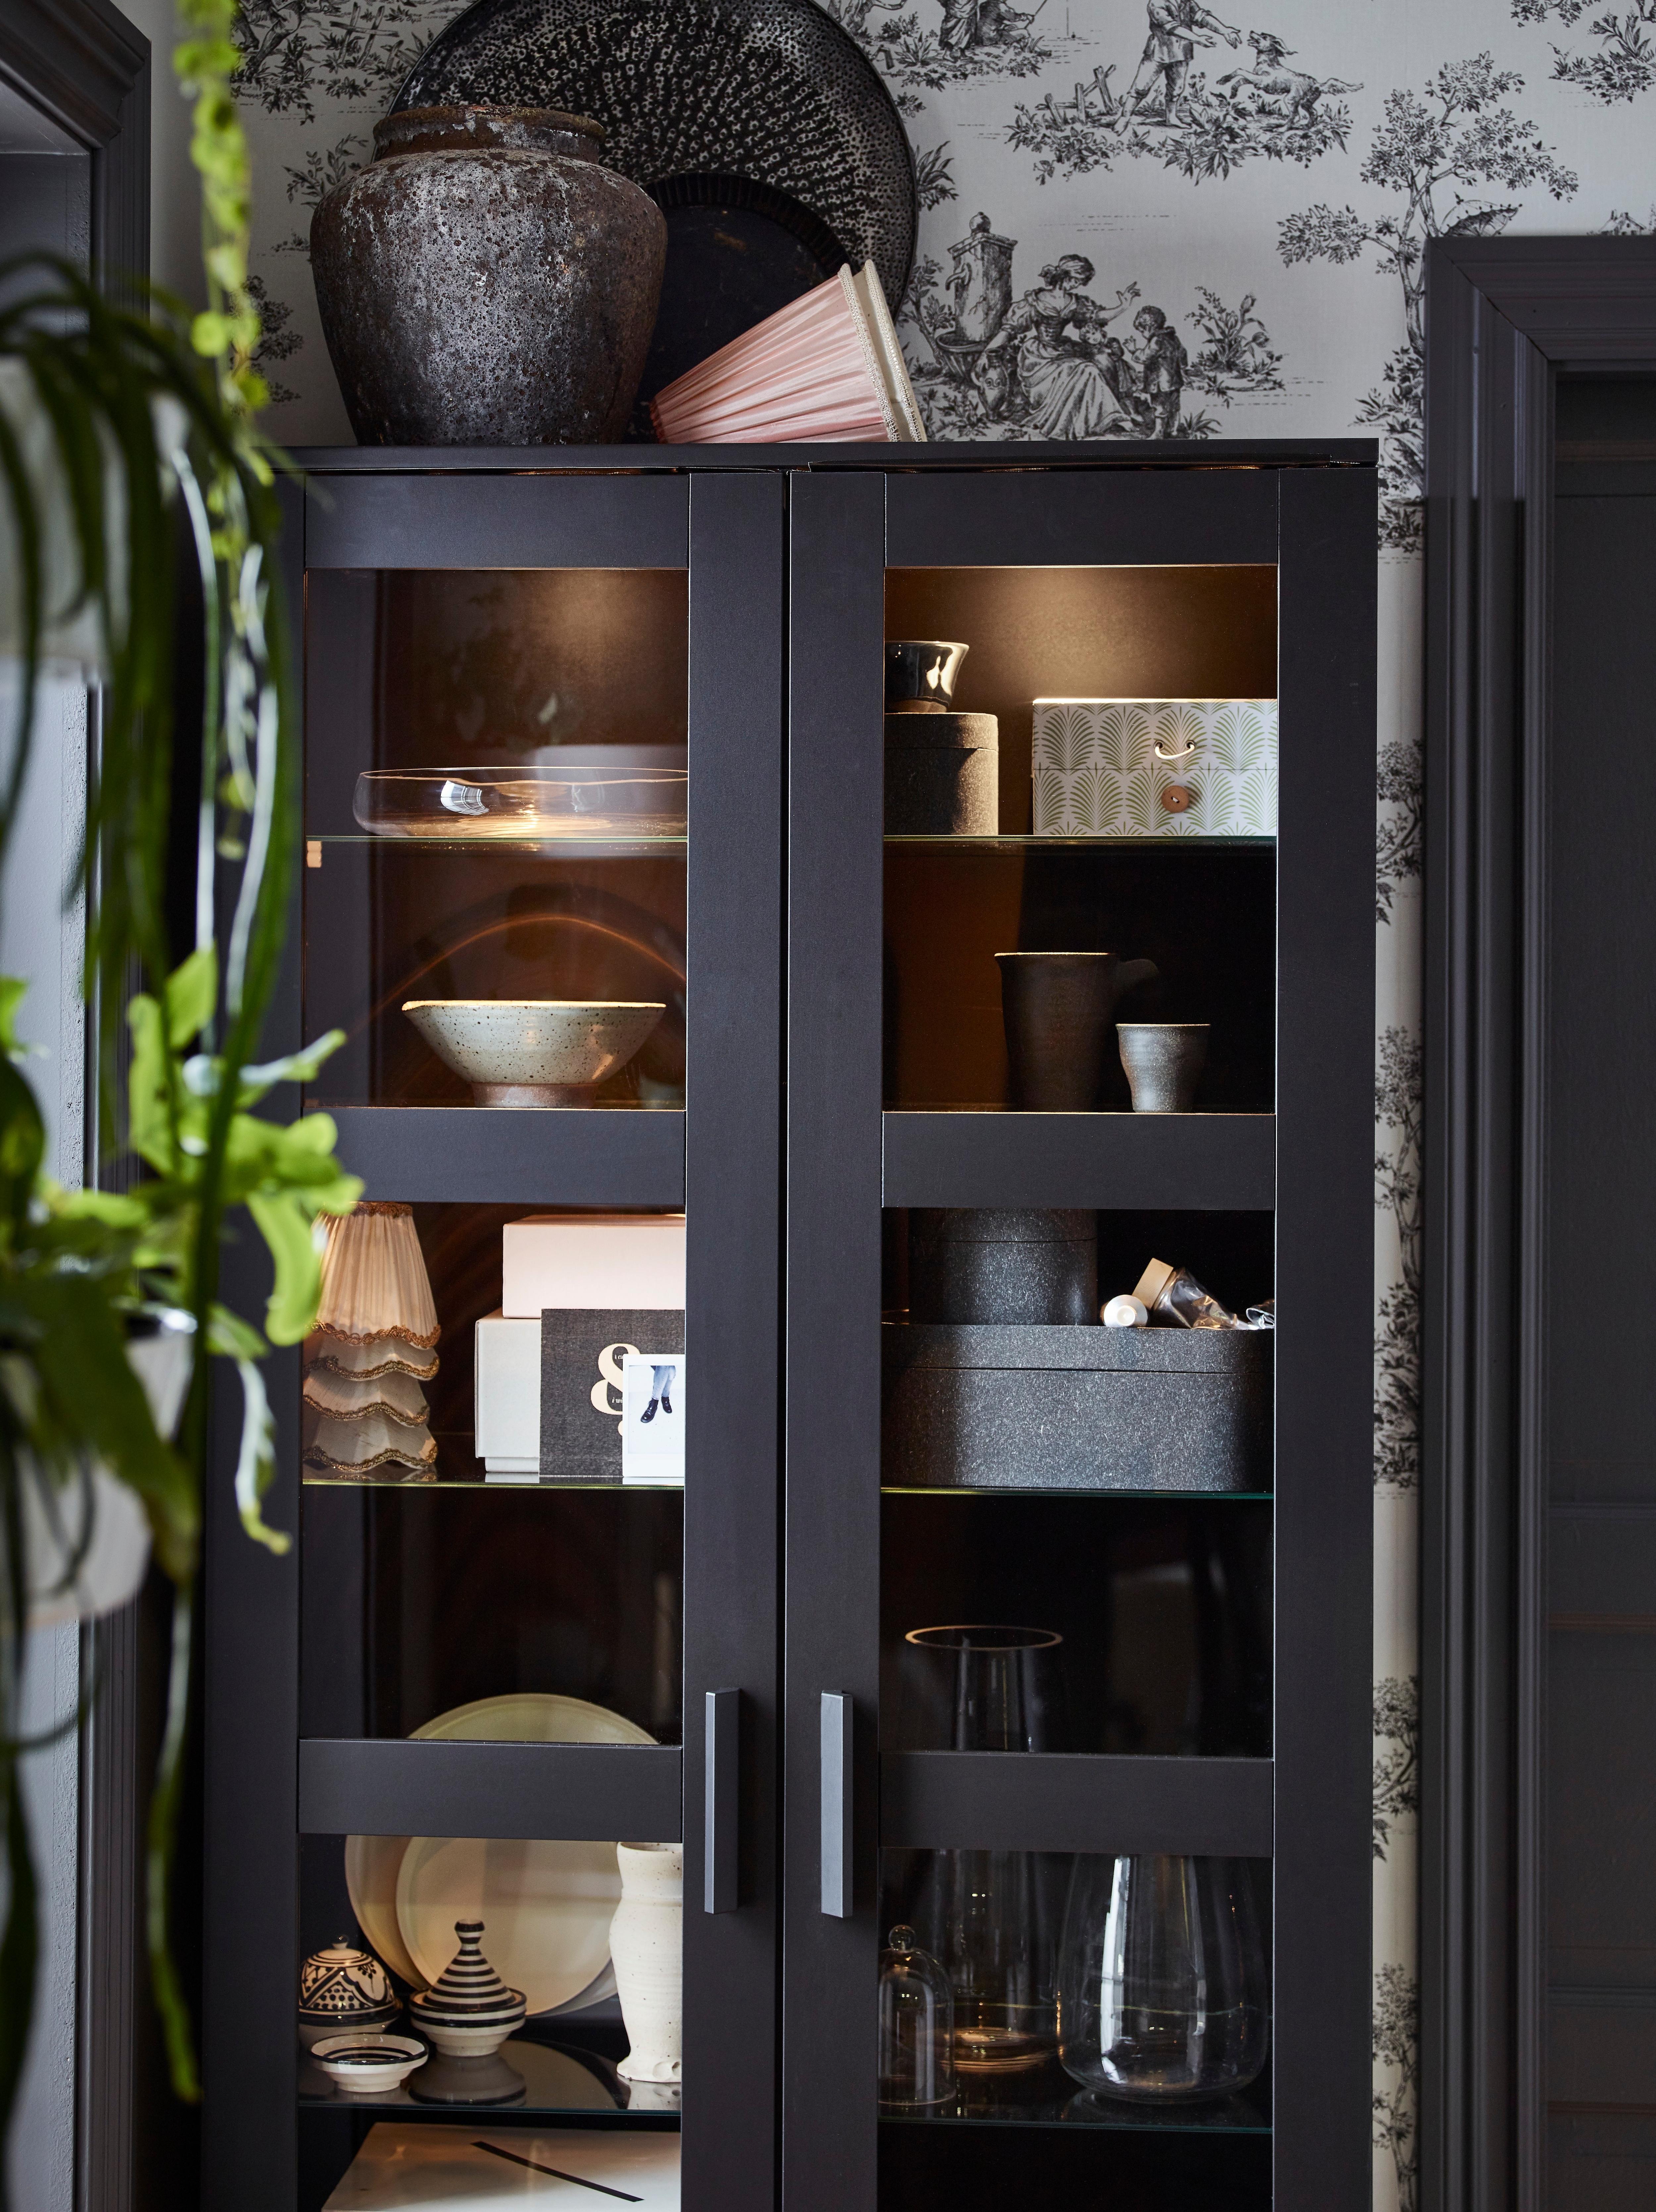 Crna BRIMNES vitrina sa staklenim policama osvjetljava dekor poput kutija, zdjela i visokih vazi.